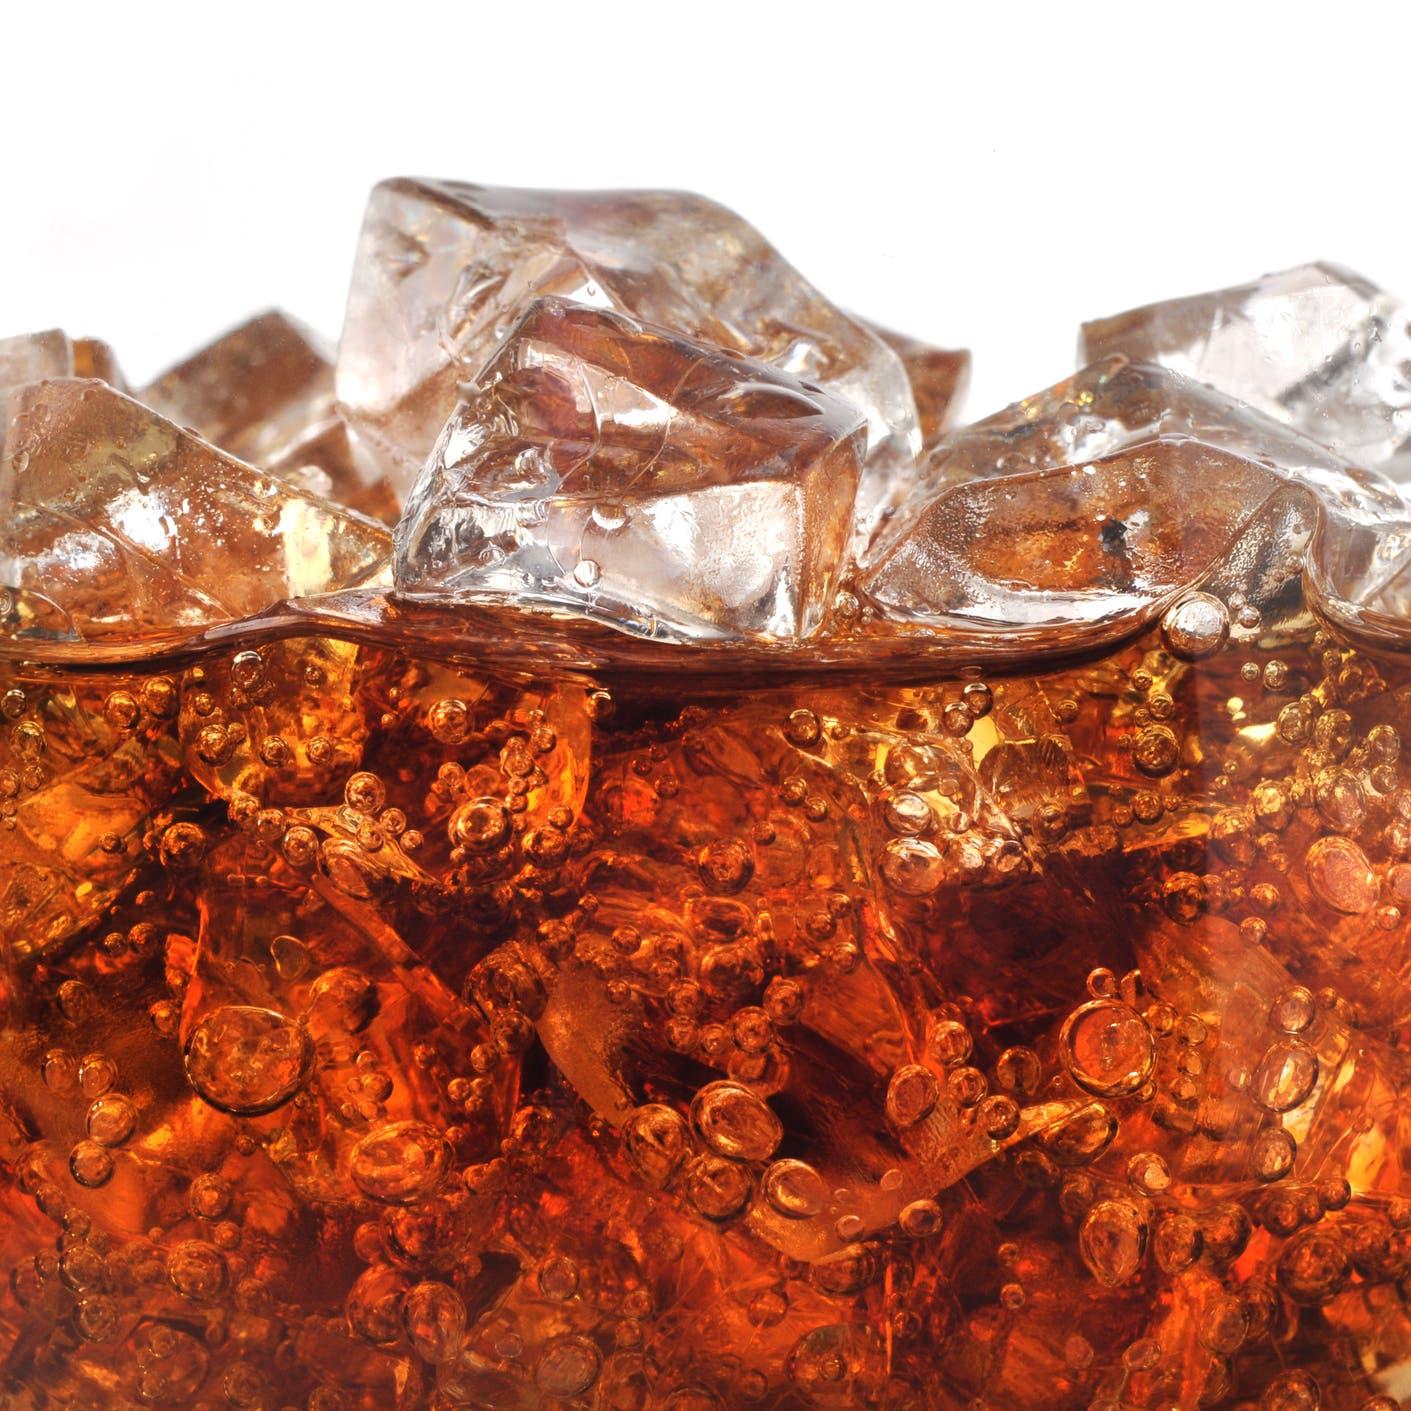 خبراء تغذية يحذرون من مشروبات شهيرة تسبب شيخوخة مبكرة!